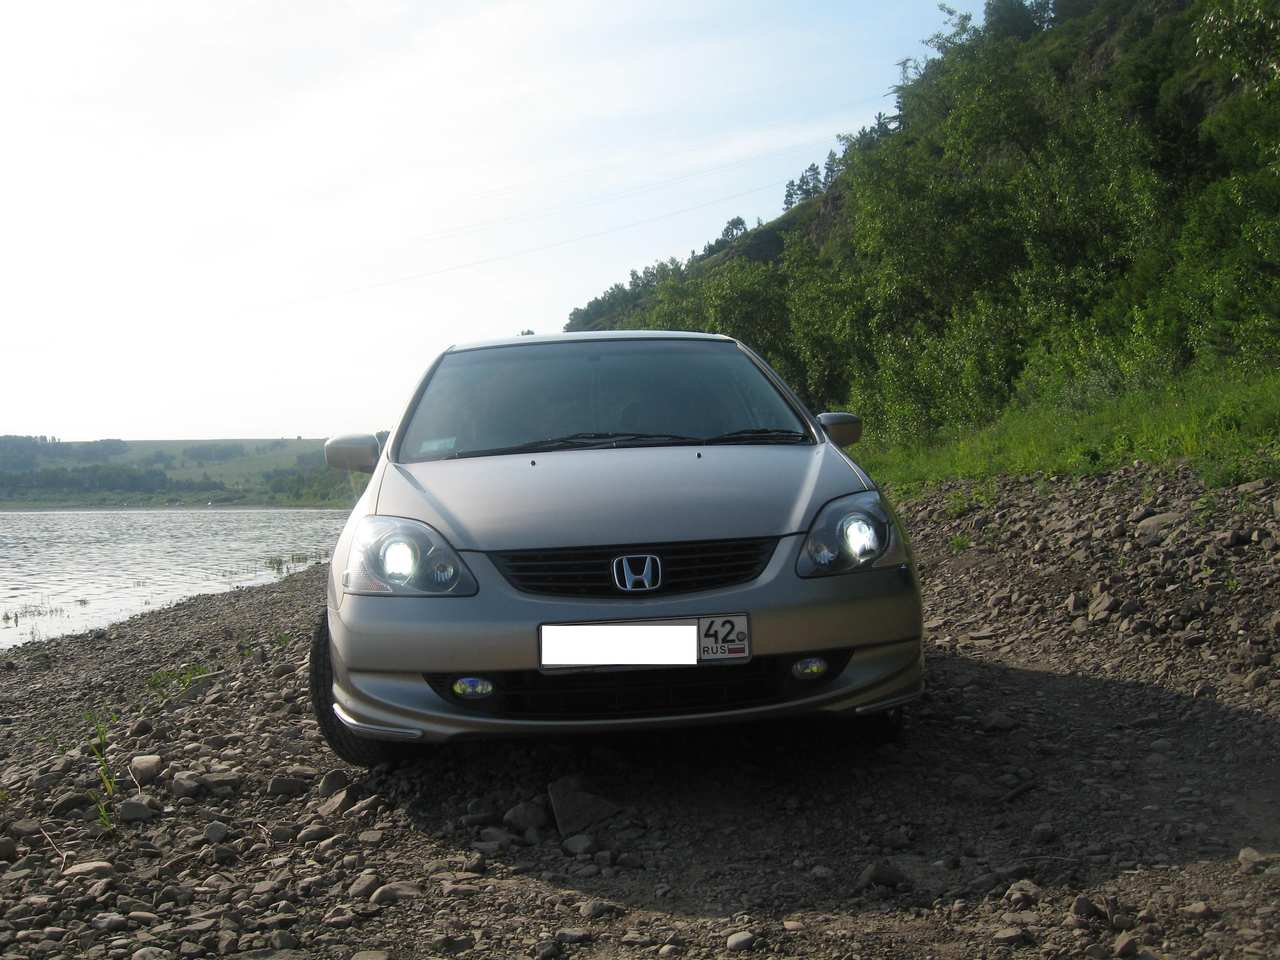 2004 honda civic photos 1 7 gasoline cvt for sale for Honda limp mode